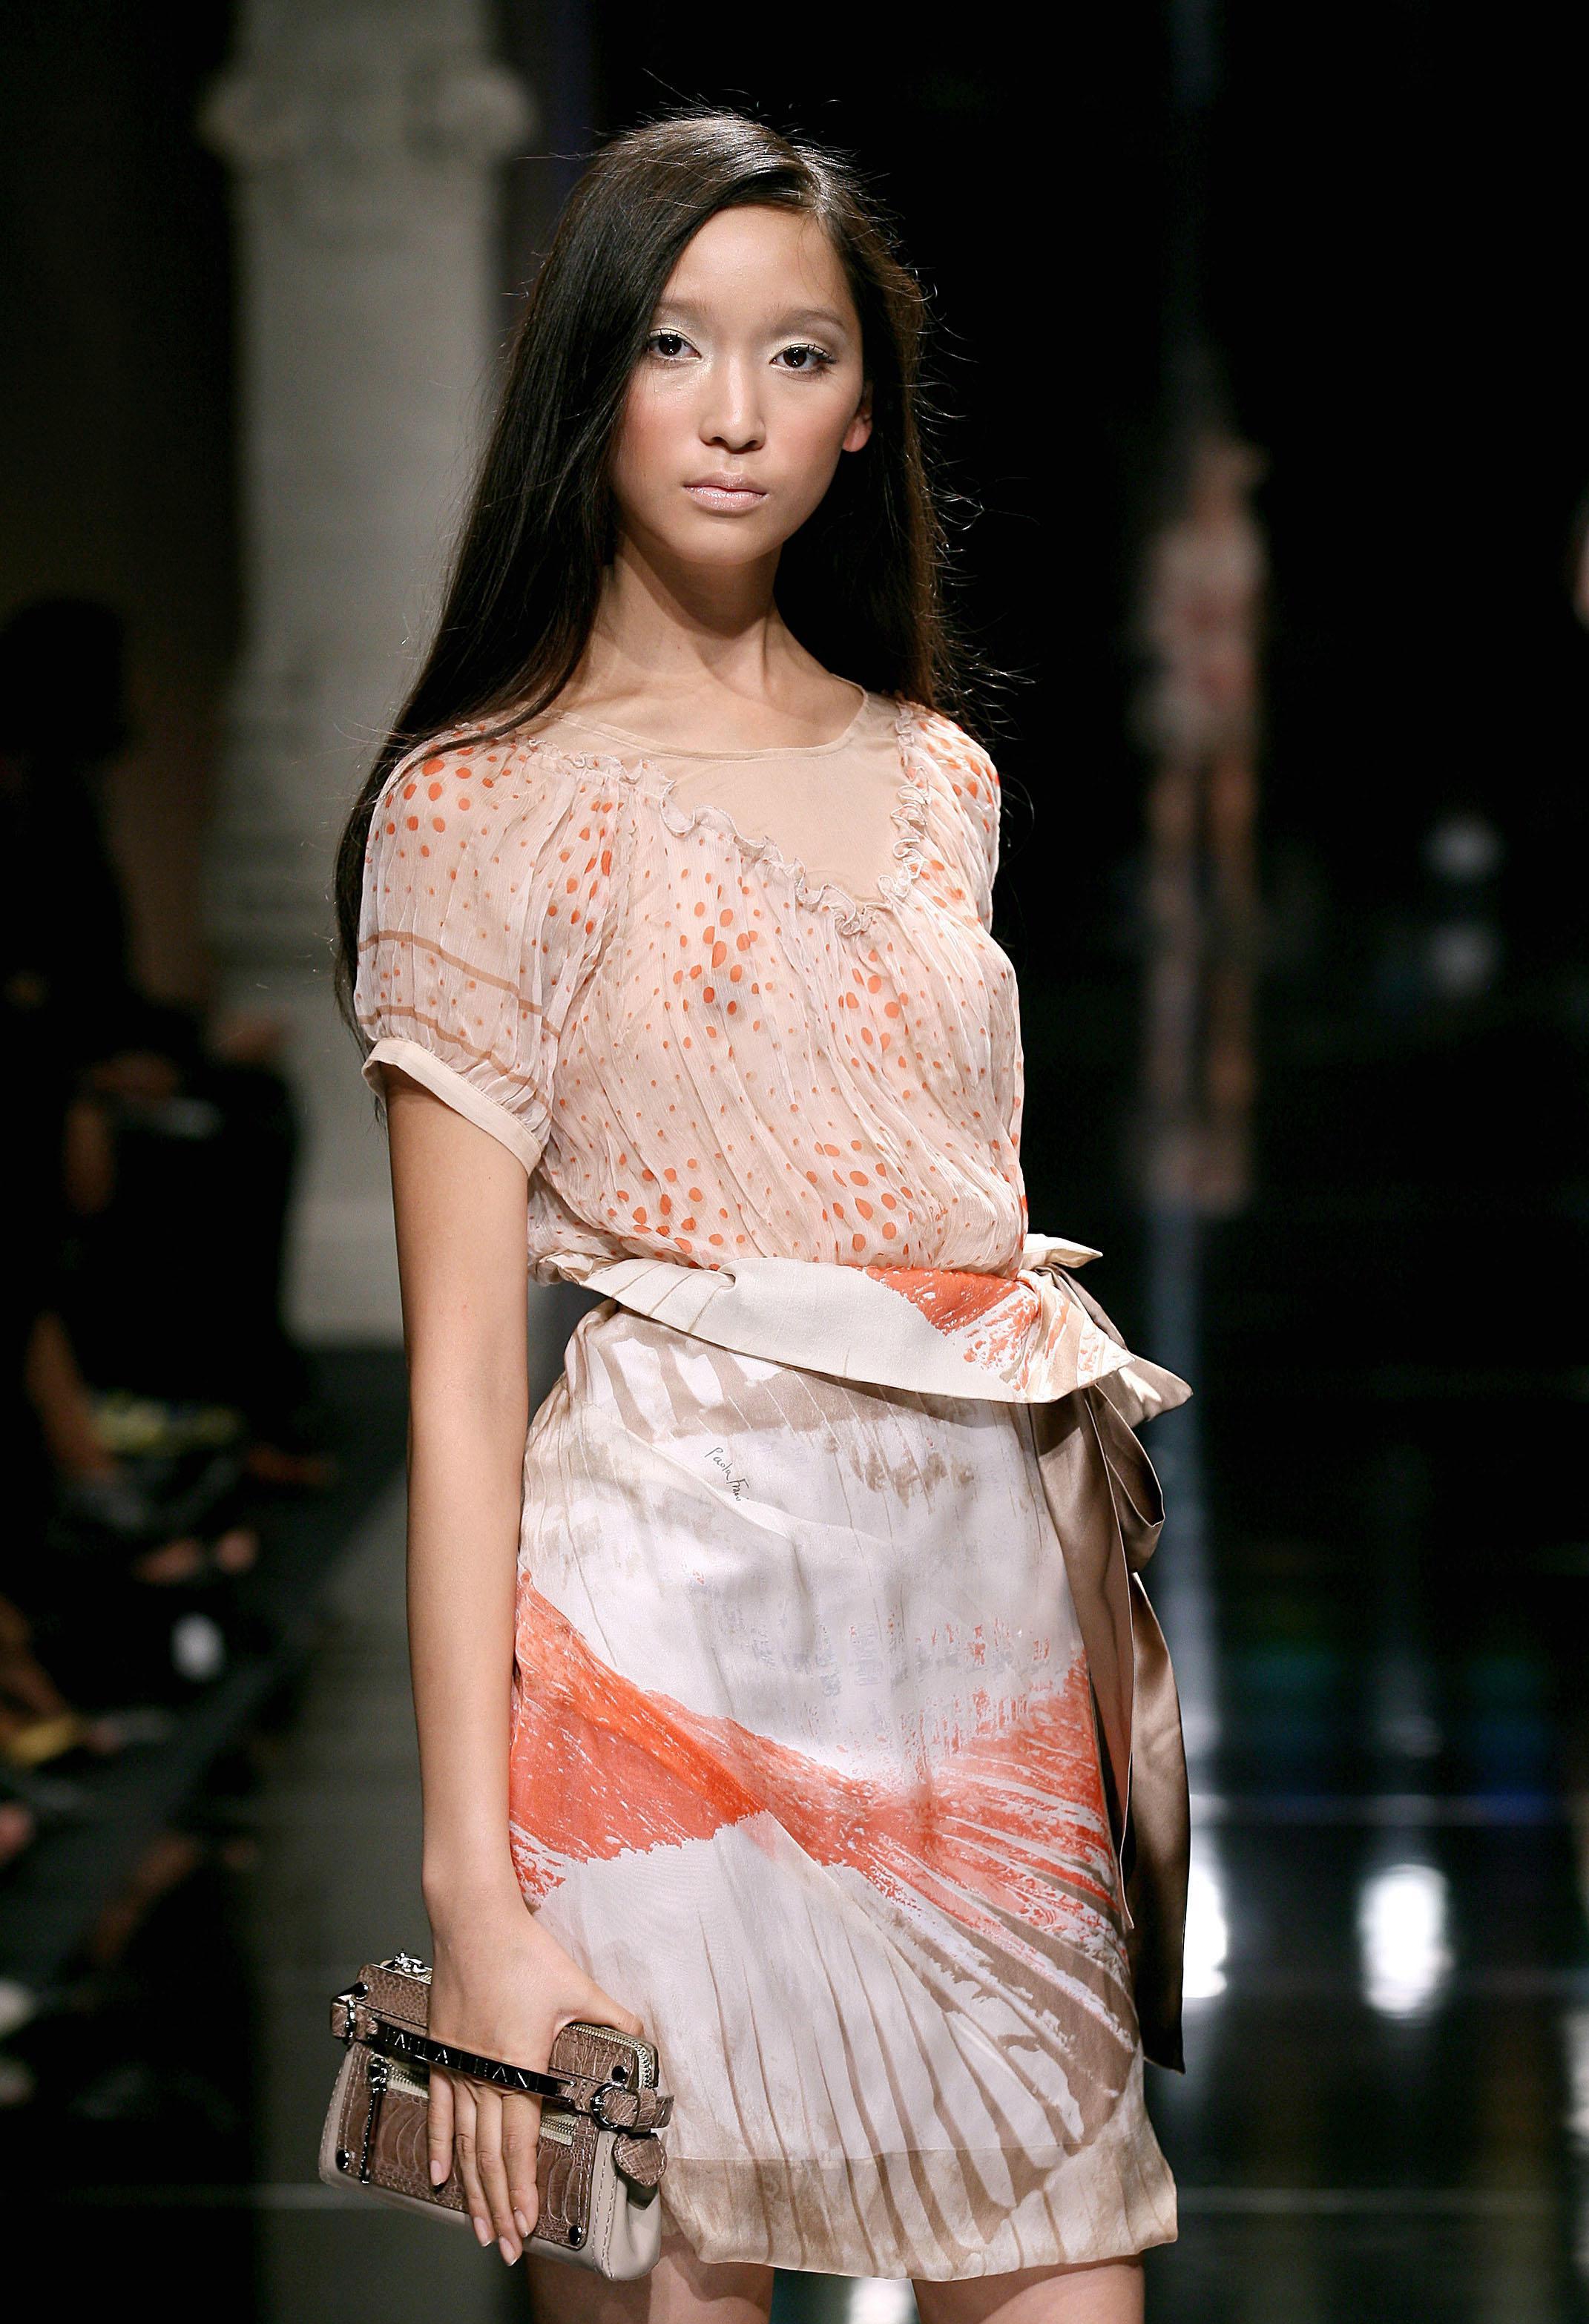 【画像あり】杏さんのモデル時代のオッパイをご覧ください(39枚)・25枚目